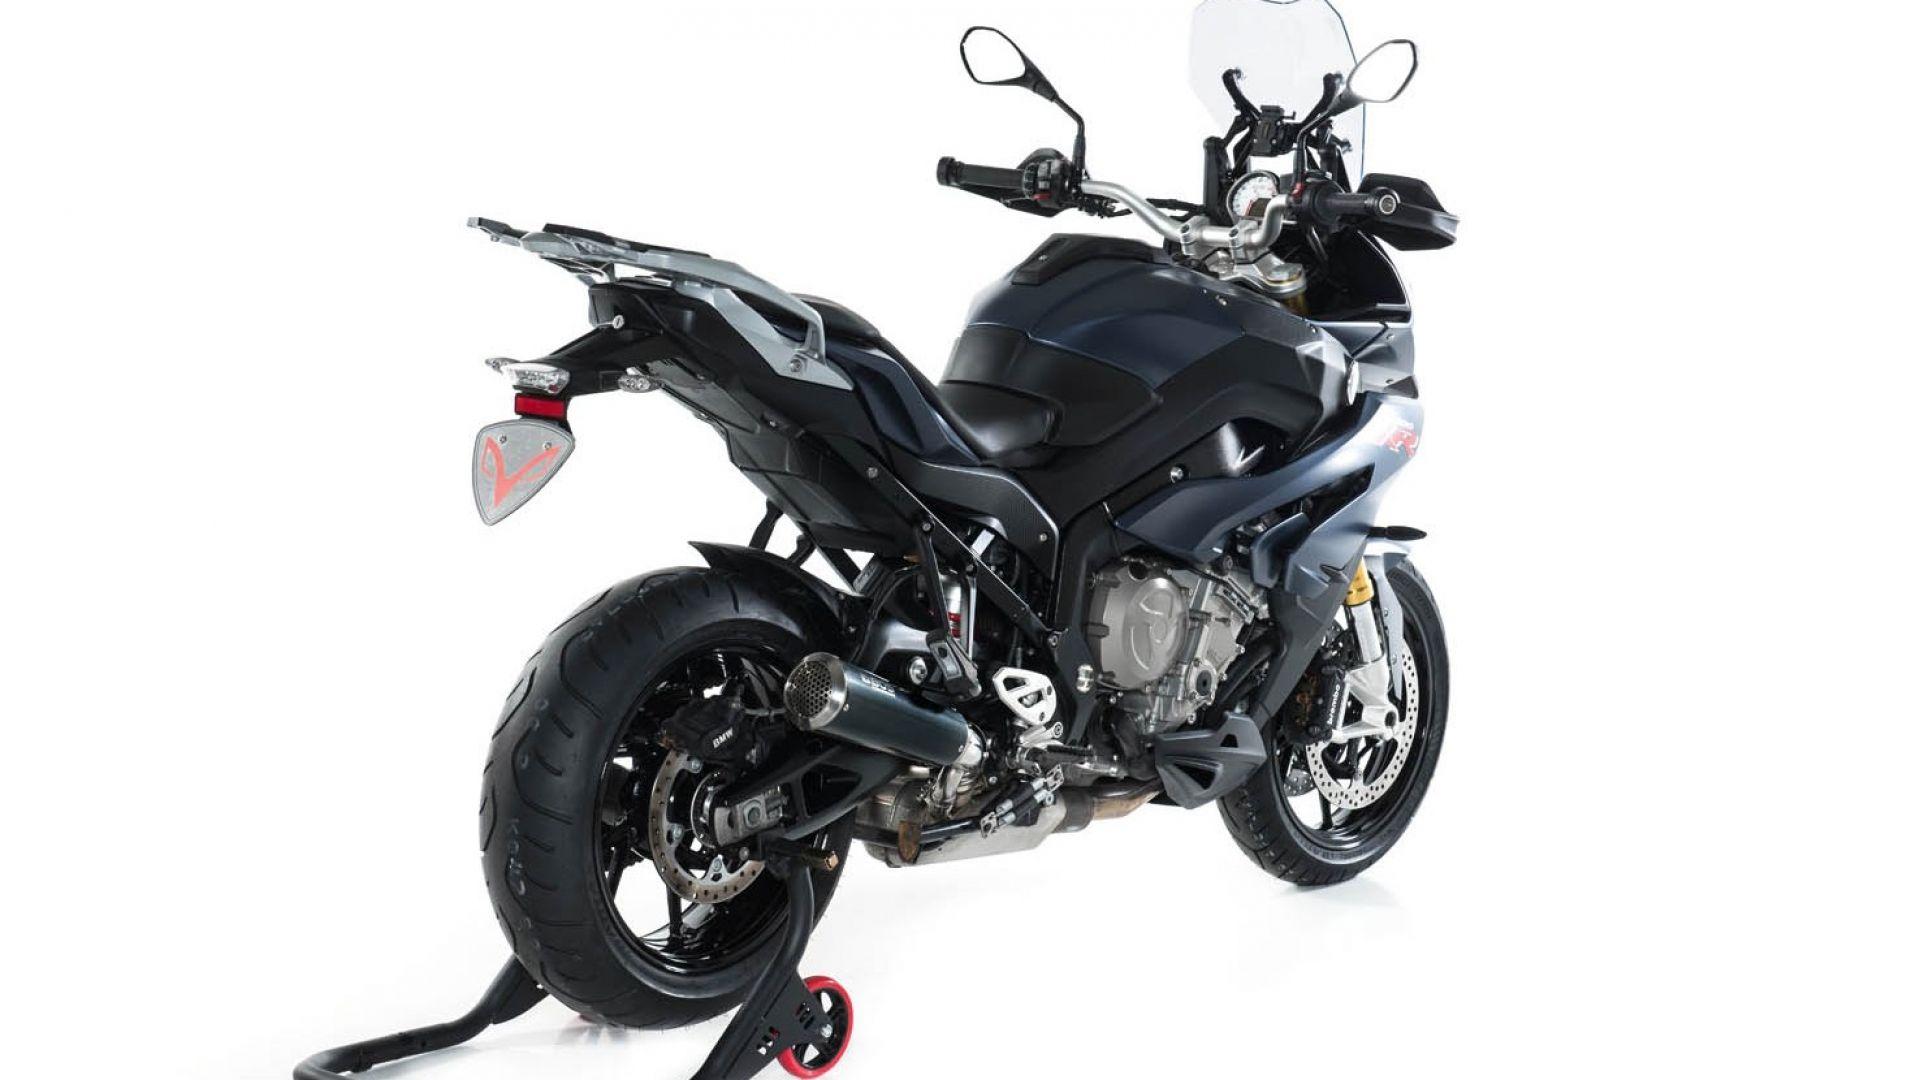 scarichi moto  styl  scarico bos ssec rr per bmw s 1000 xr